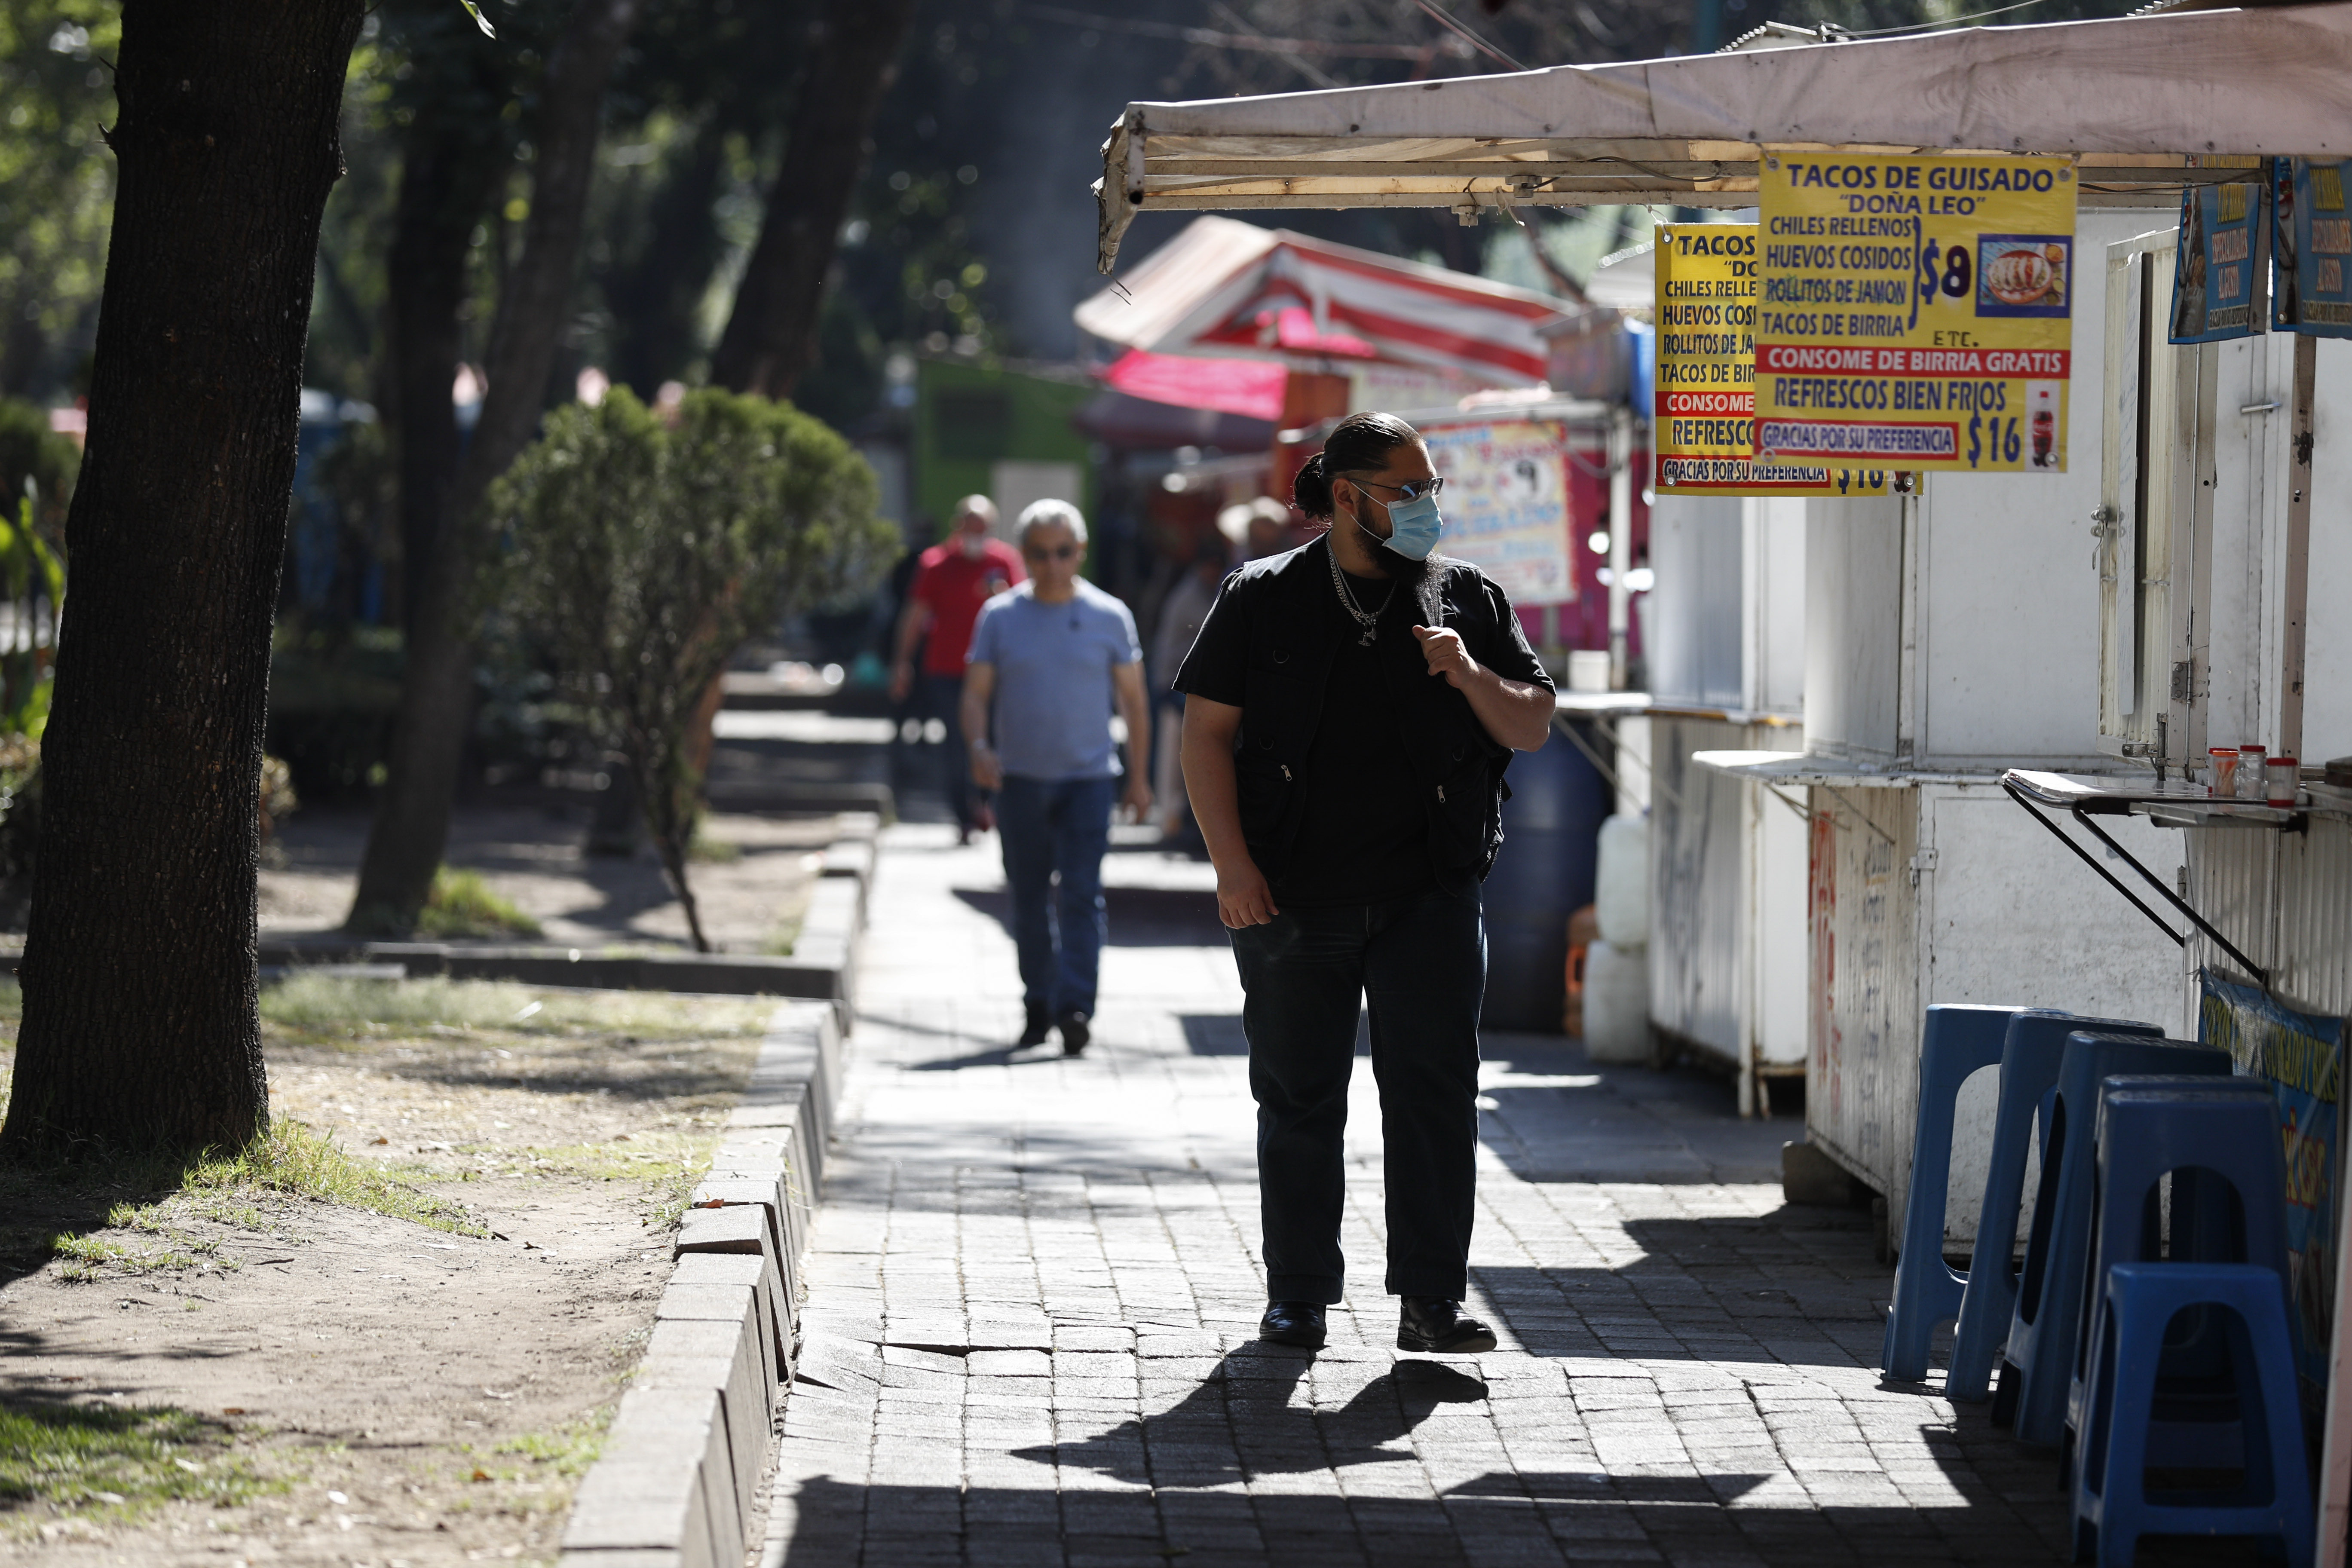 Un hombre con una máscara facial pasa por los puestos callejeros que venden alimentos, la mayoría de los cuales ya estaban abiertos , en la Ciudad de México, el miércoles 25 de marzo de 2020.